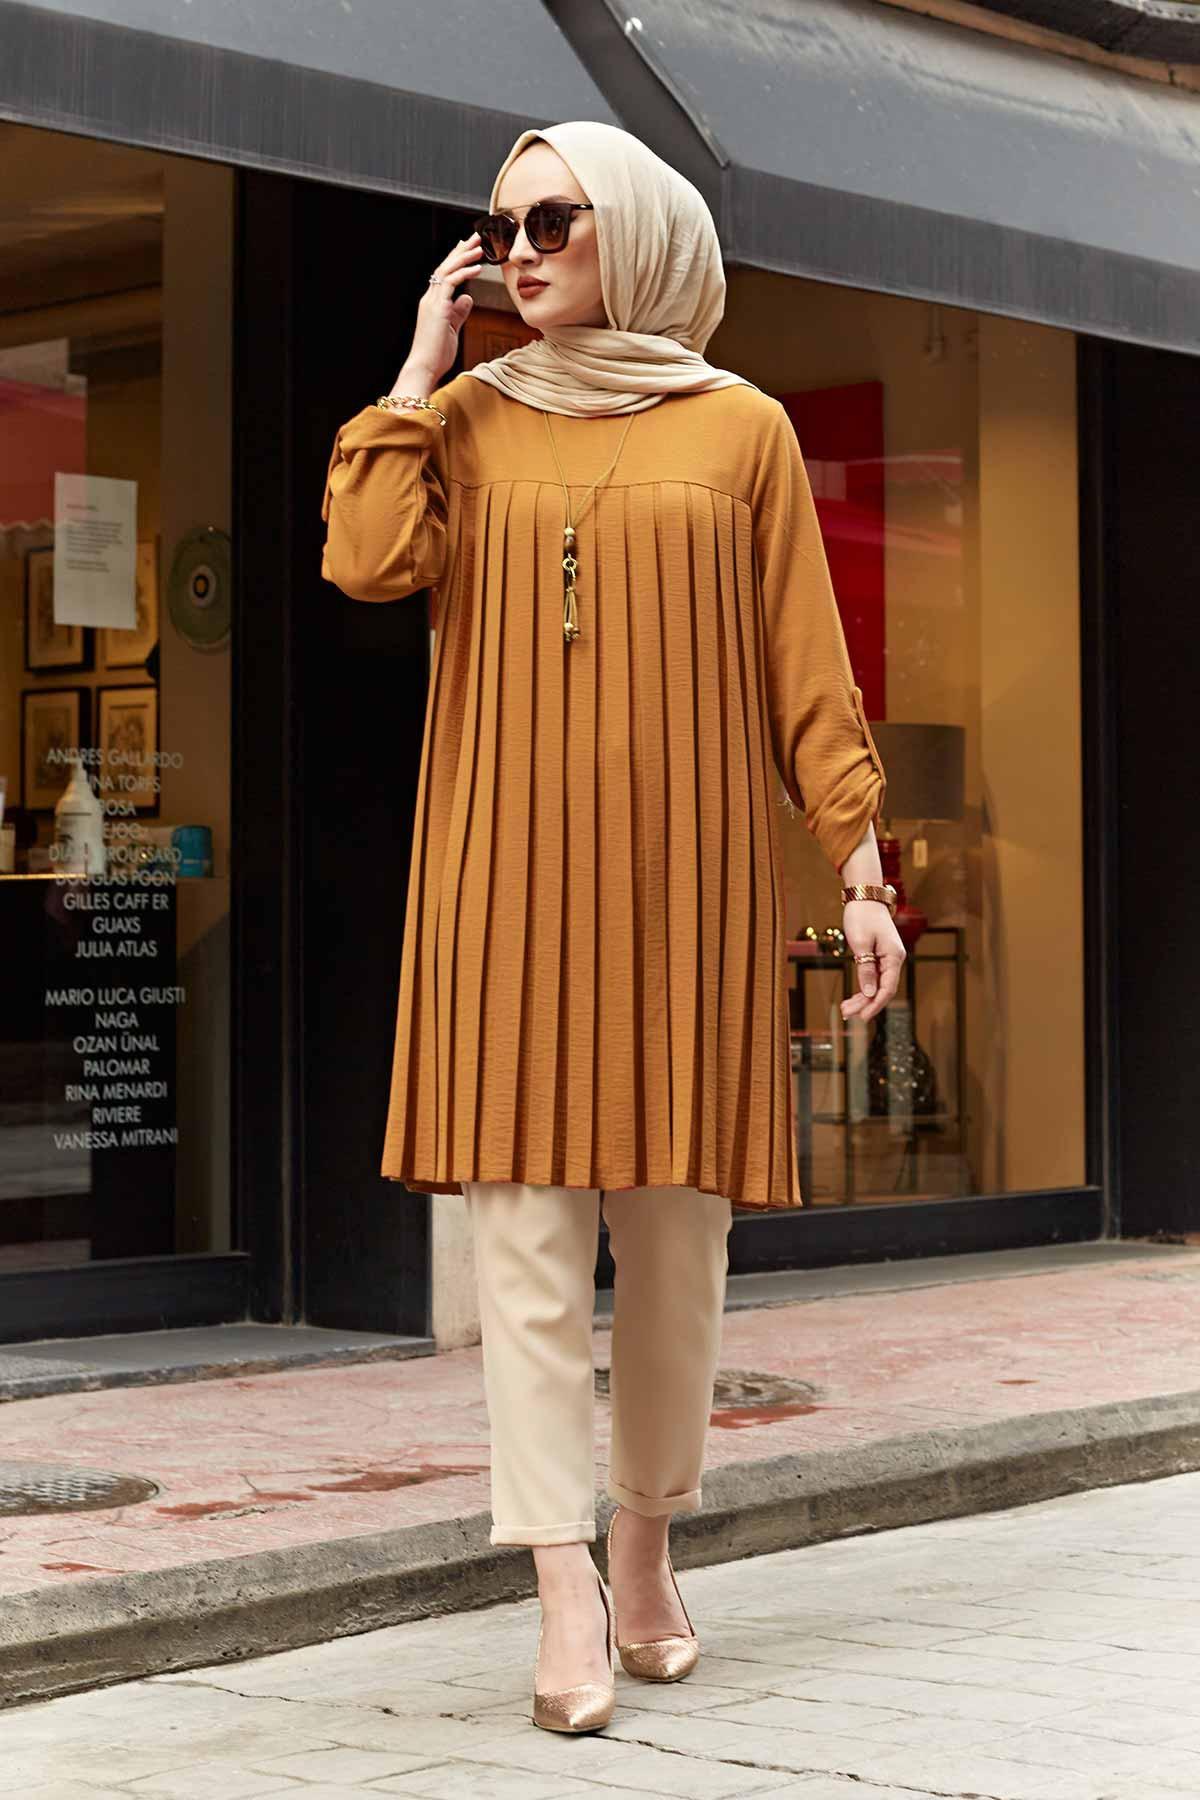 Женская одежда мусульманская Туника Платье piliseli цвета Турция Дубай scraft Топ мусульманская Арабская Американская Одежда